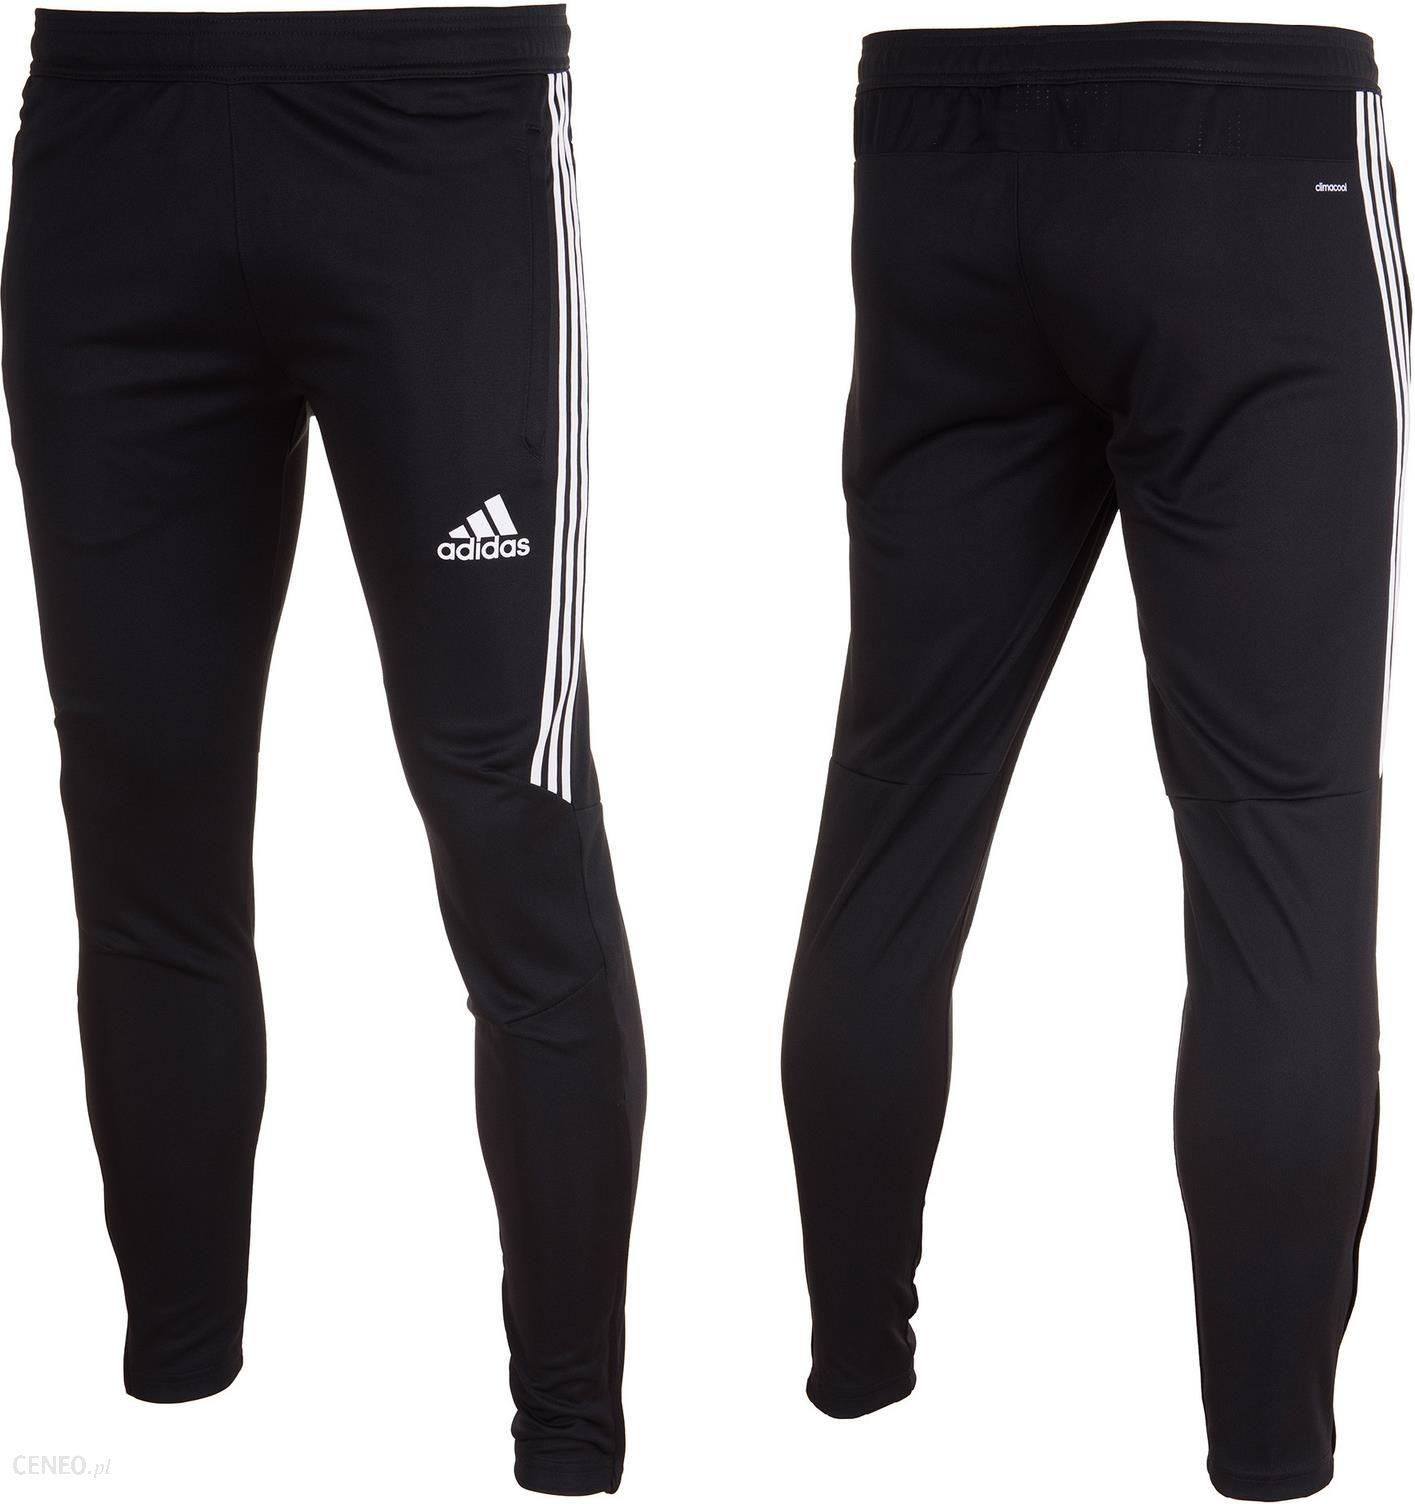 63025a1719eef Adidas Spodnie Dresowe Dresy Męskie Tiro 17 M - Ceny i opinie - Ceneo.pl